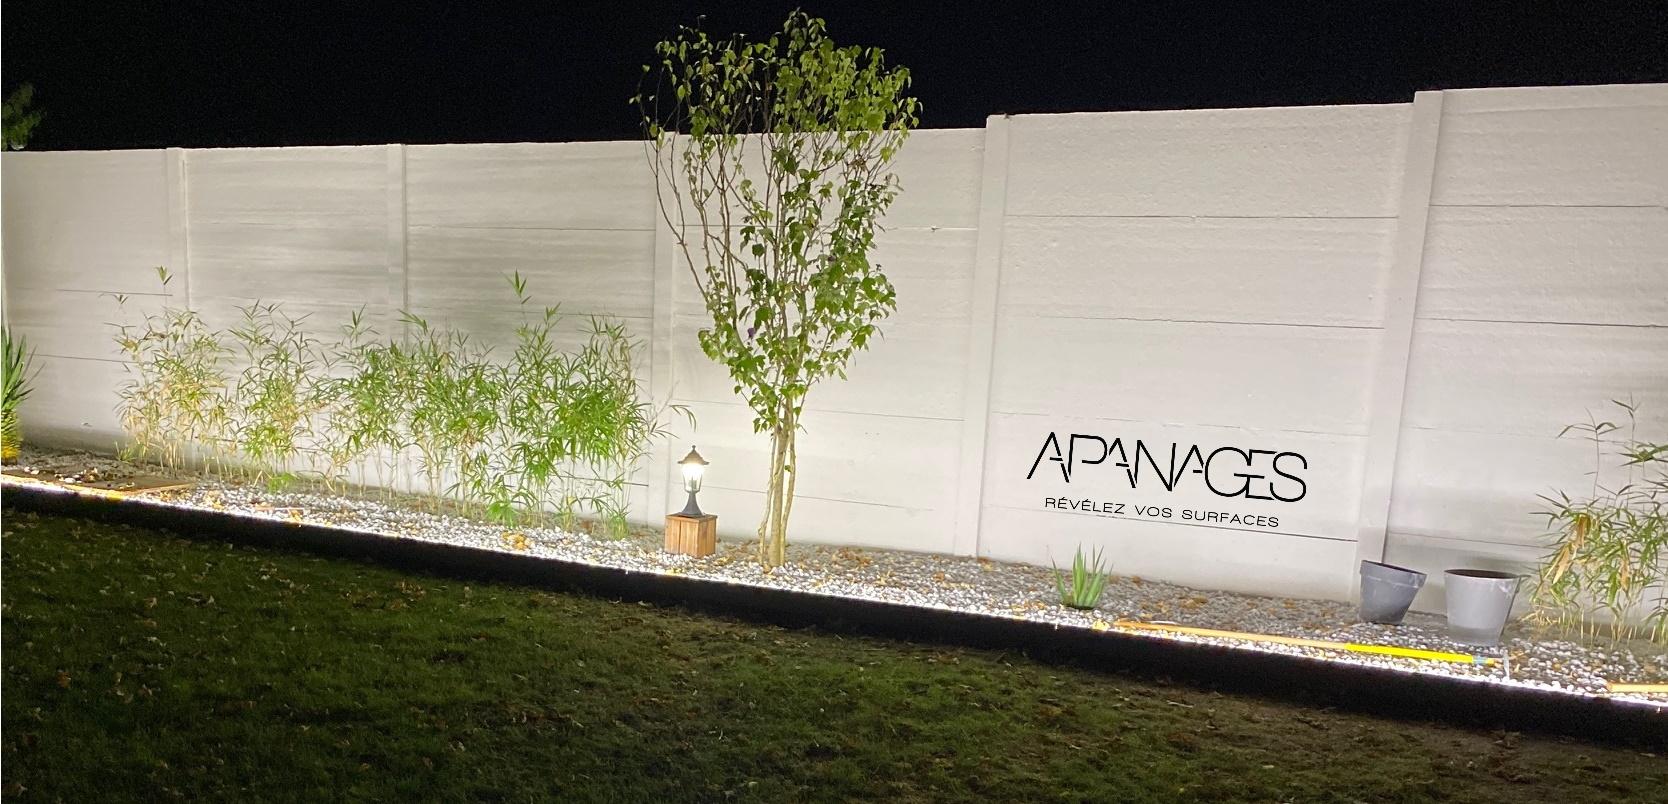 Bordure-volige-délimitation-massif-jardin-eclairage-LED-extérieur-étanche-plaque-béton